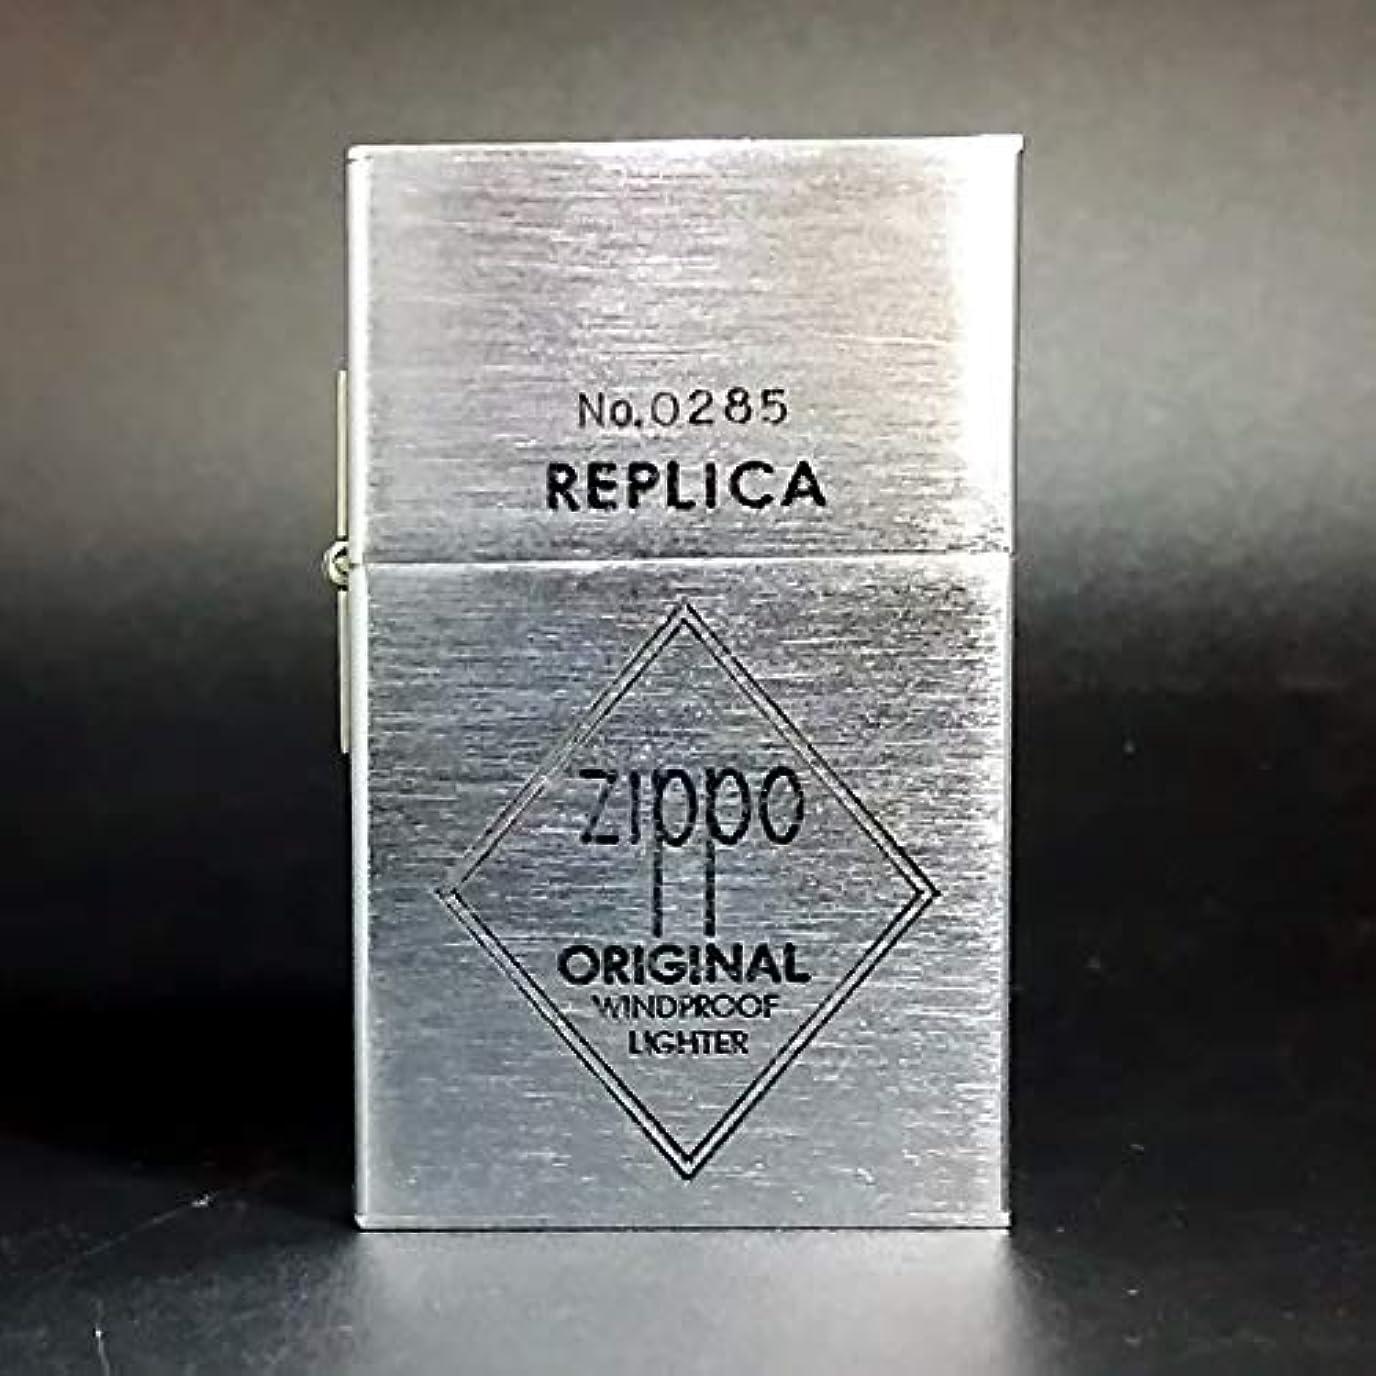 悔い改め分類するかわいらしいzippo 1933レプリカ 限定版 No.0285